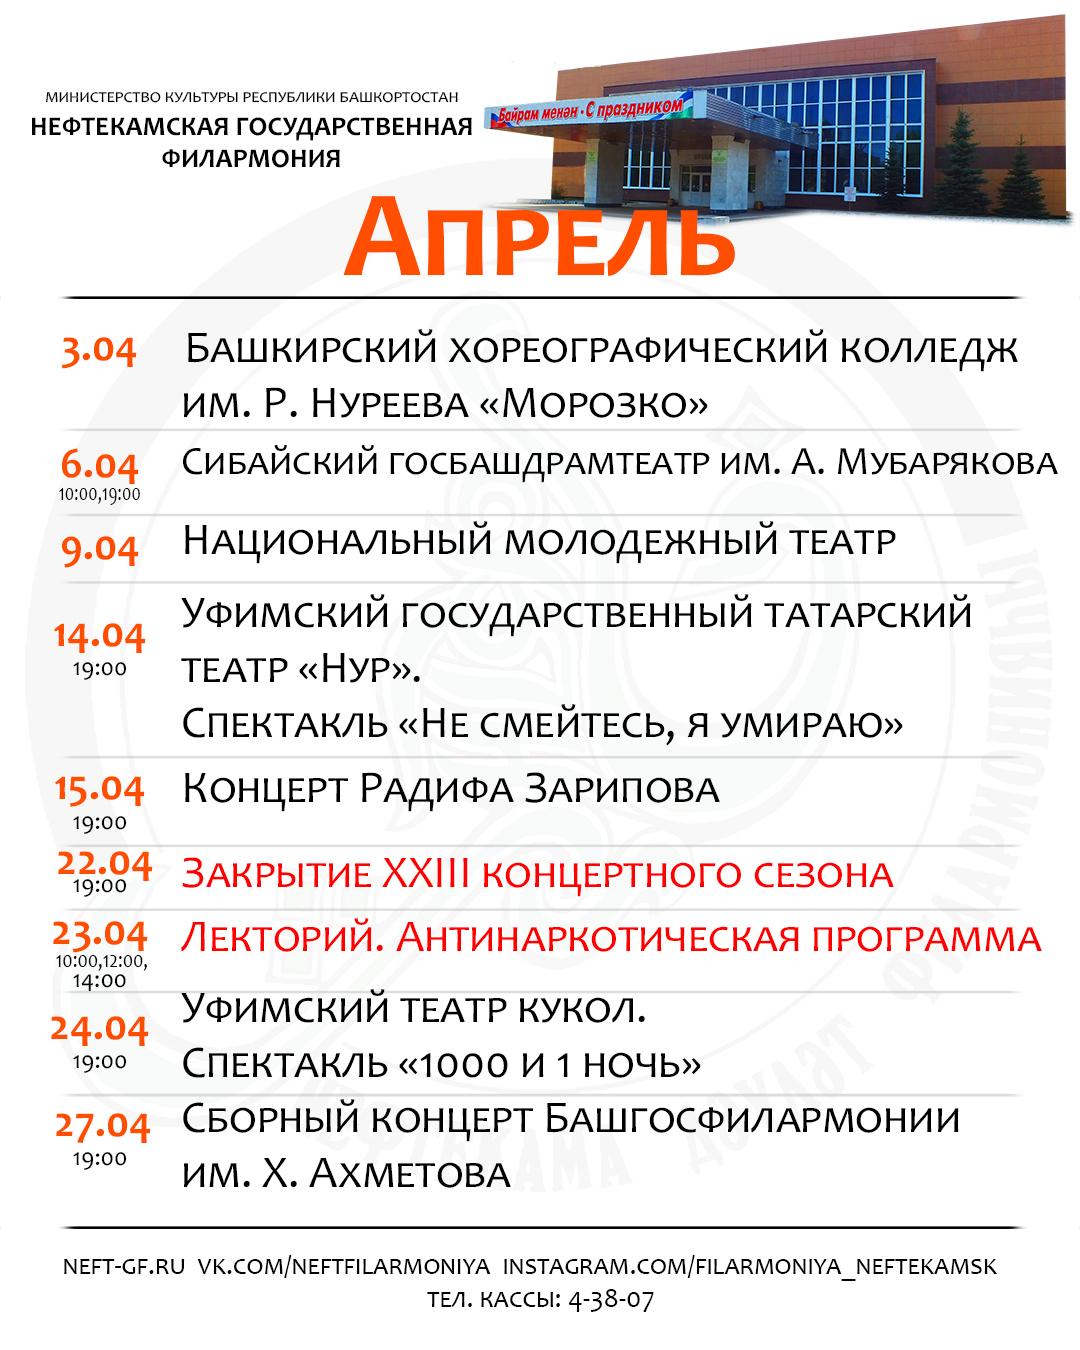 Репертуар Нефтекамской государственной филармонии на апрель 2021 г.